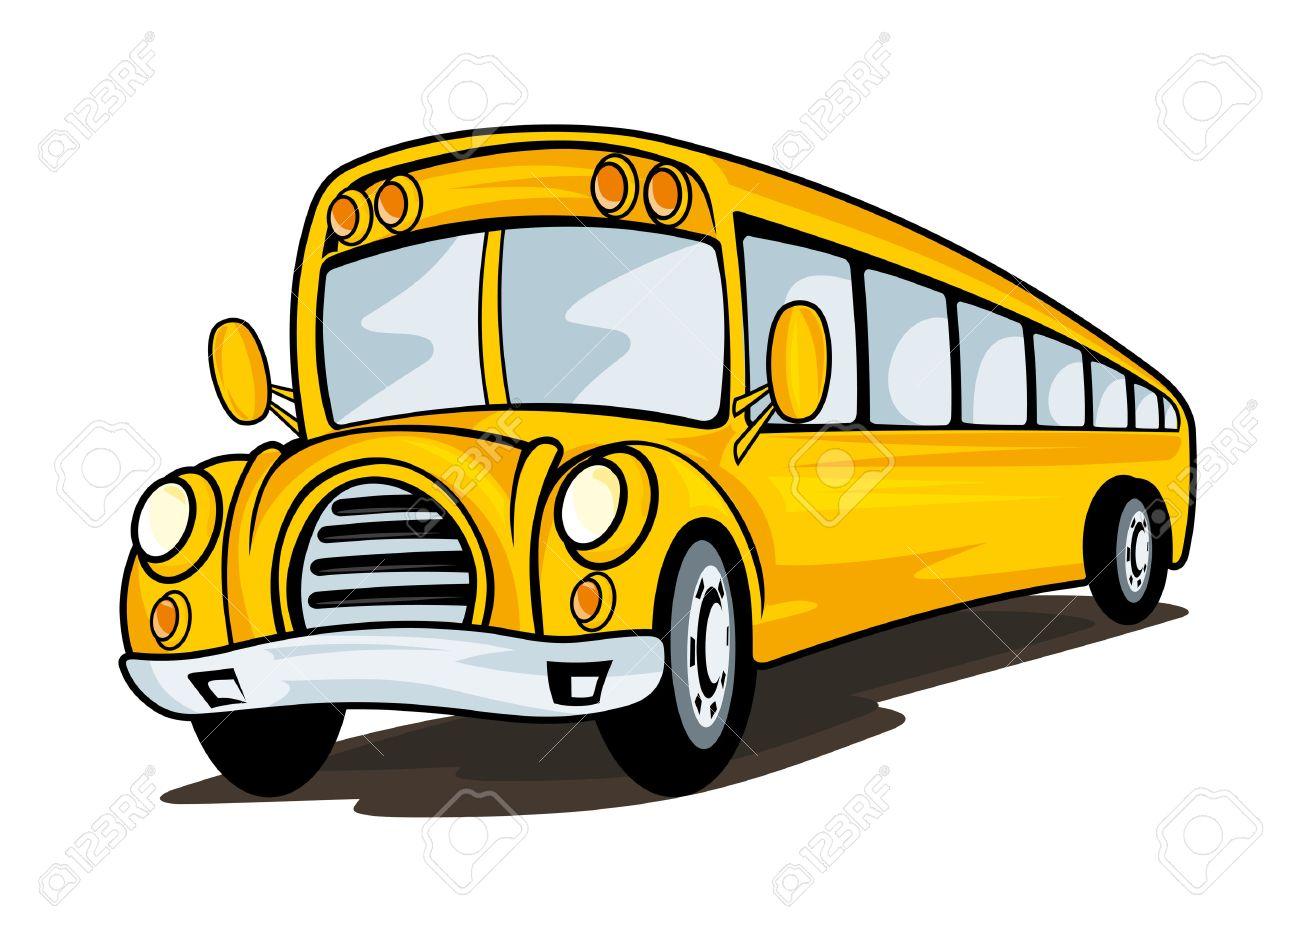 Autobus Scolaire Jaune Dans Le Style De Bande Dessinée Pour L élaboration Du Concept De L éducation